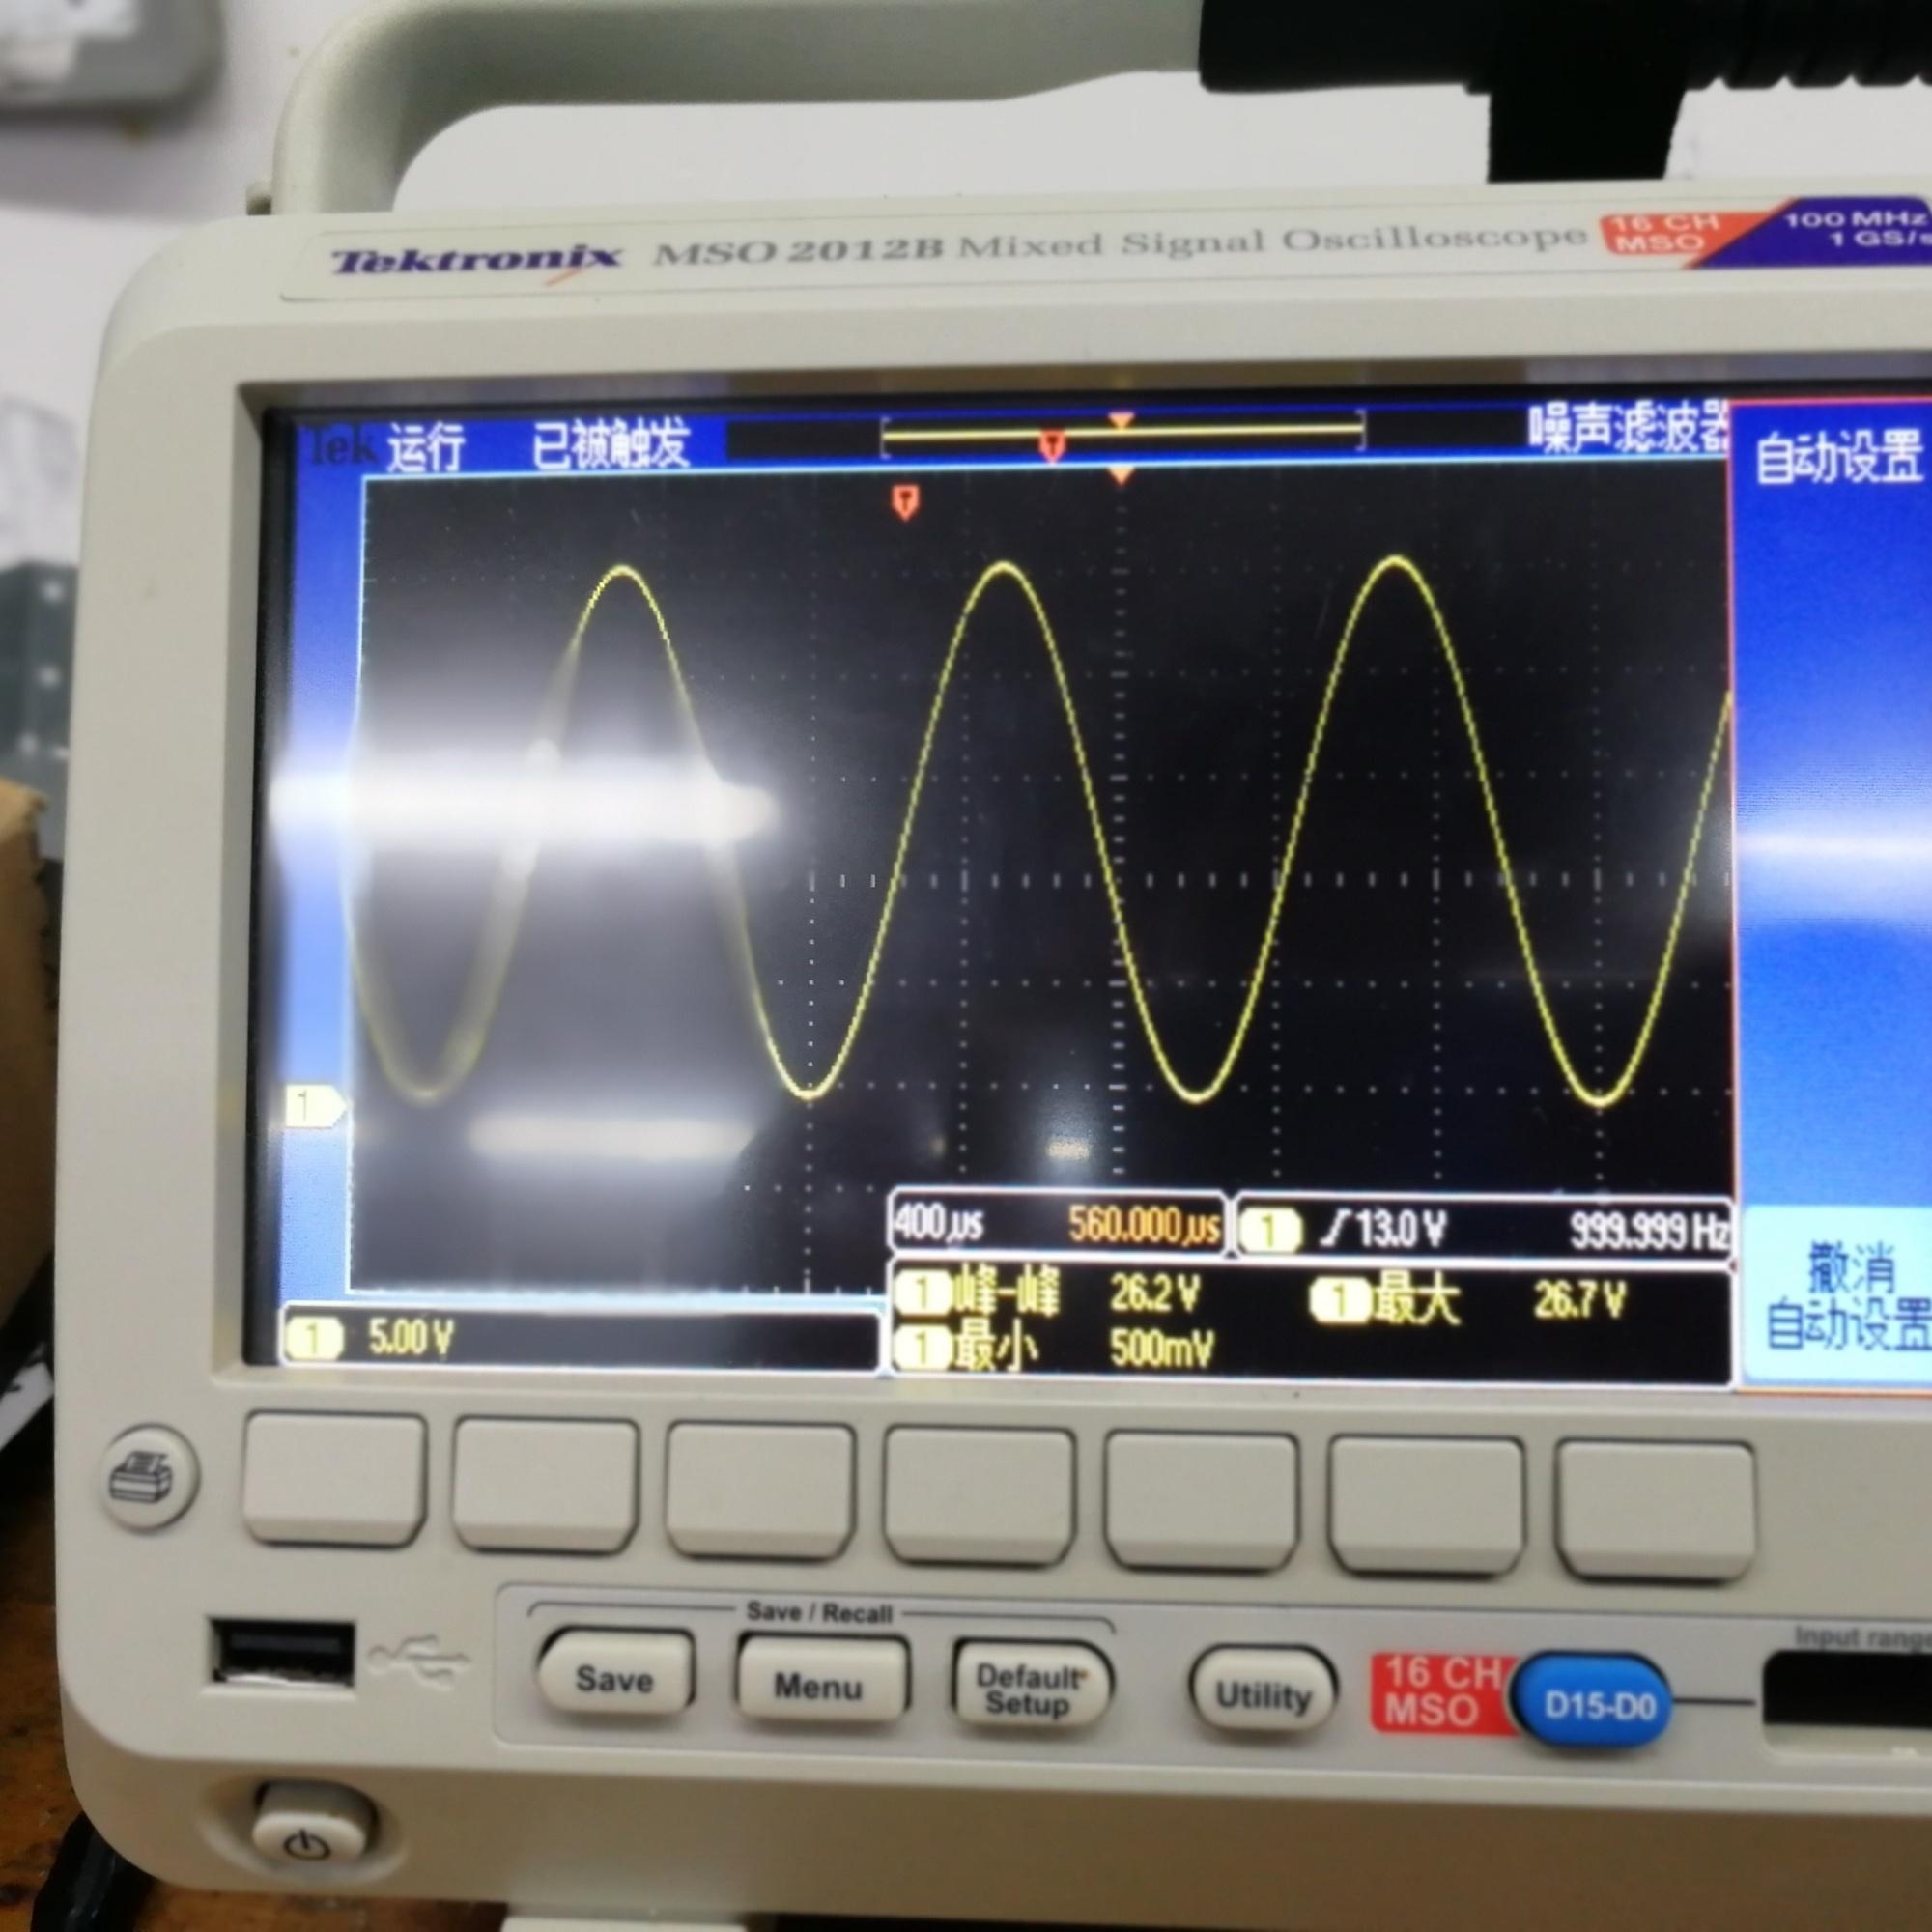 做单电源功放时接上八欧负载,波形显示不正常,请问这是为什么?如何解决?